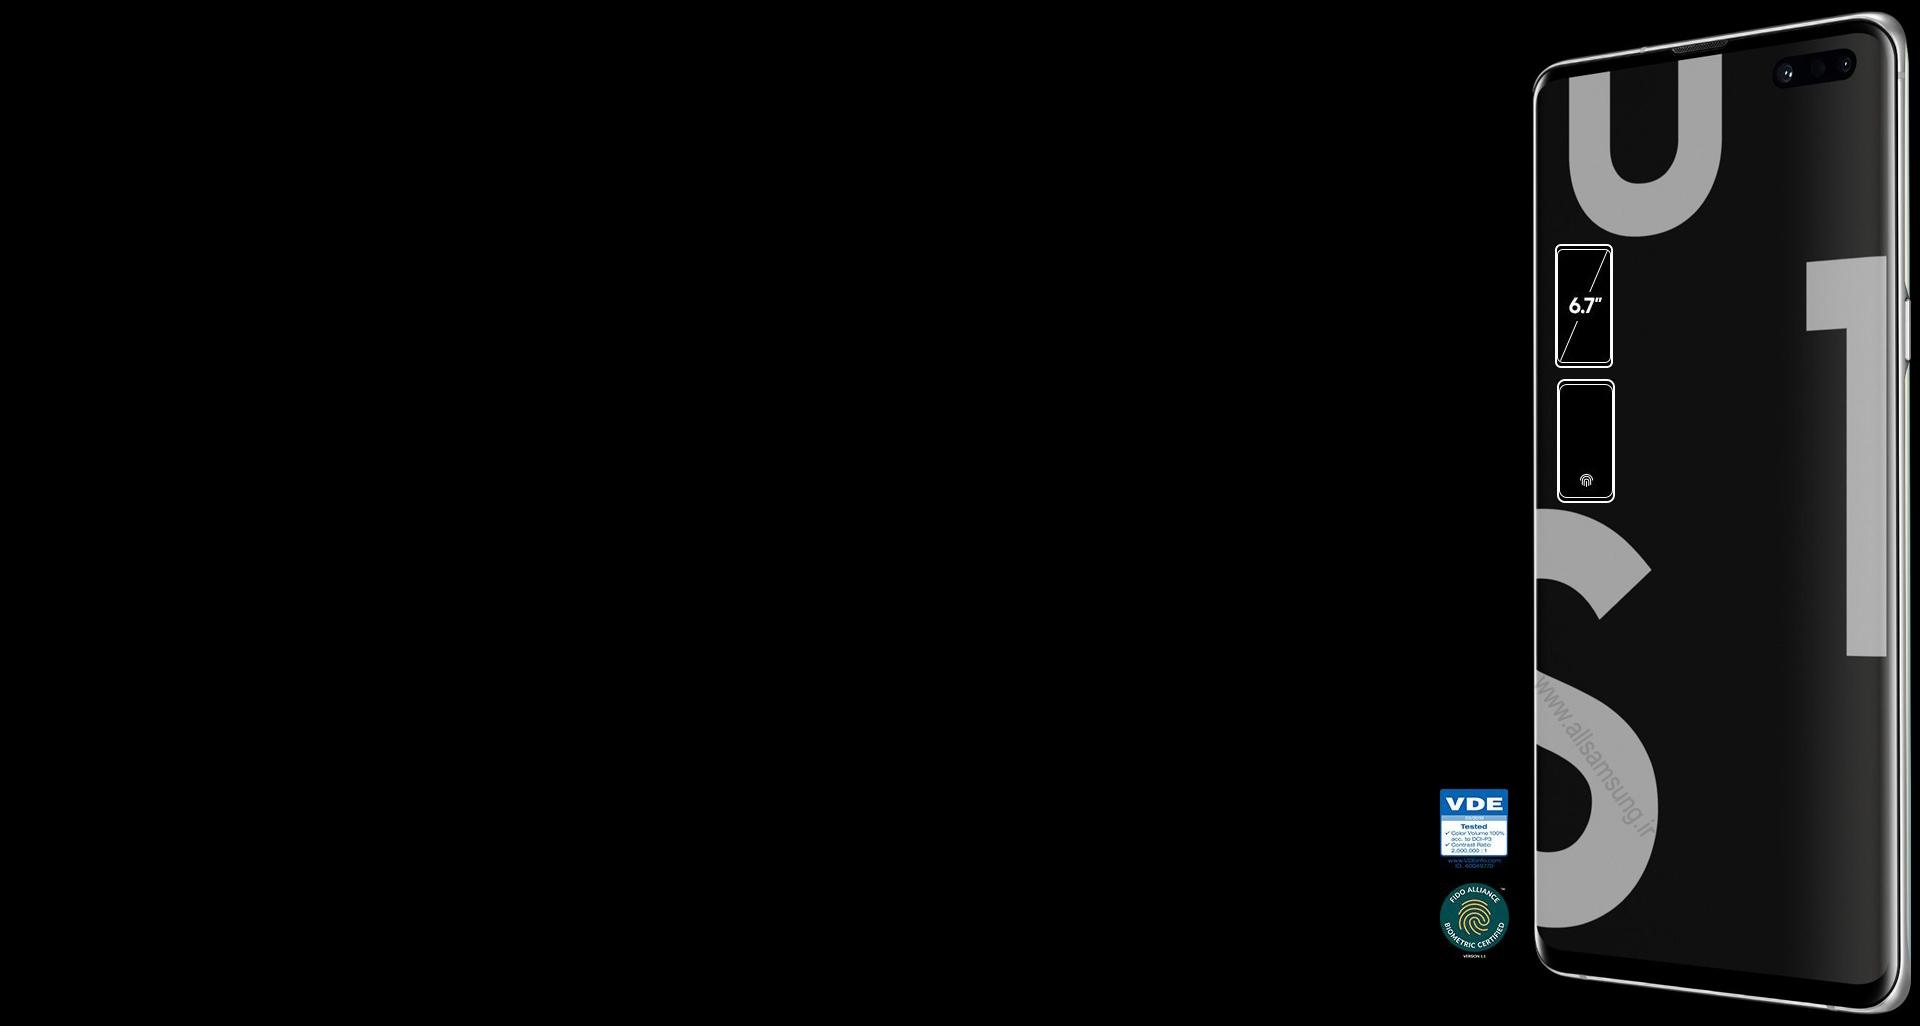 سامسونگ S10 5G یک طراحی کامل و بی نظیر